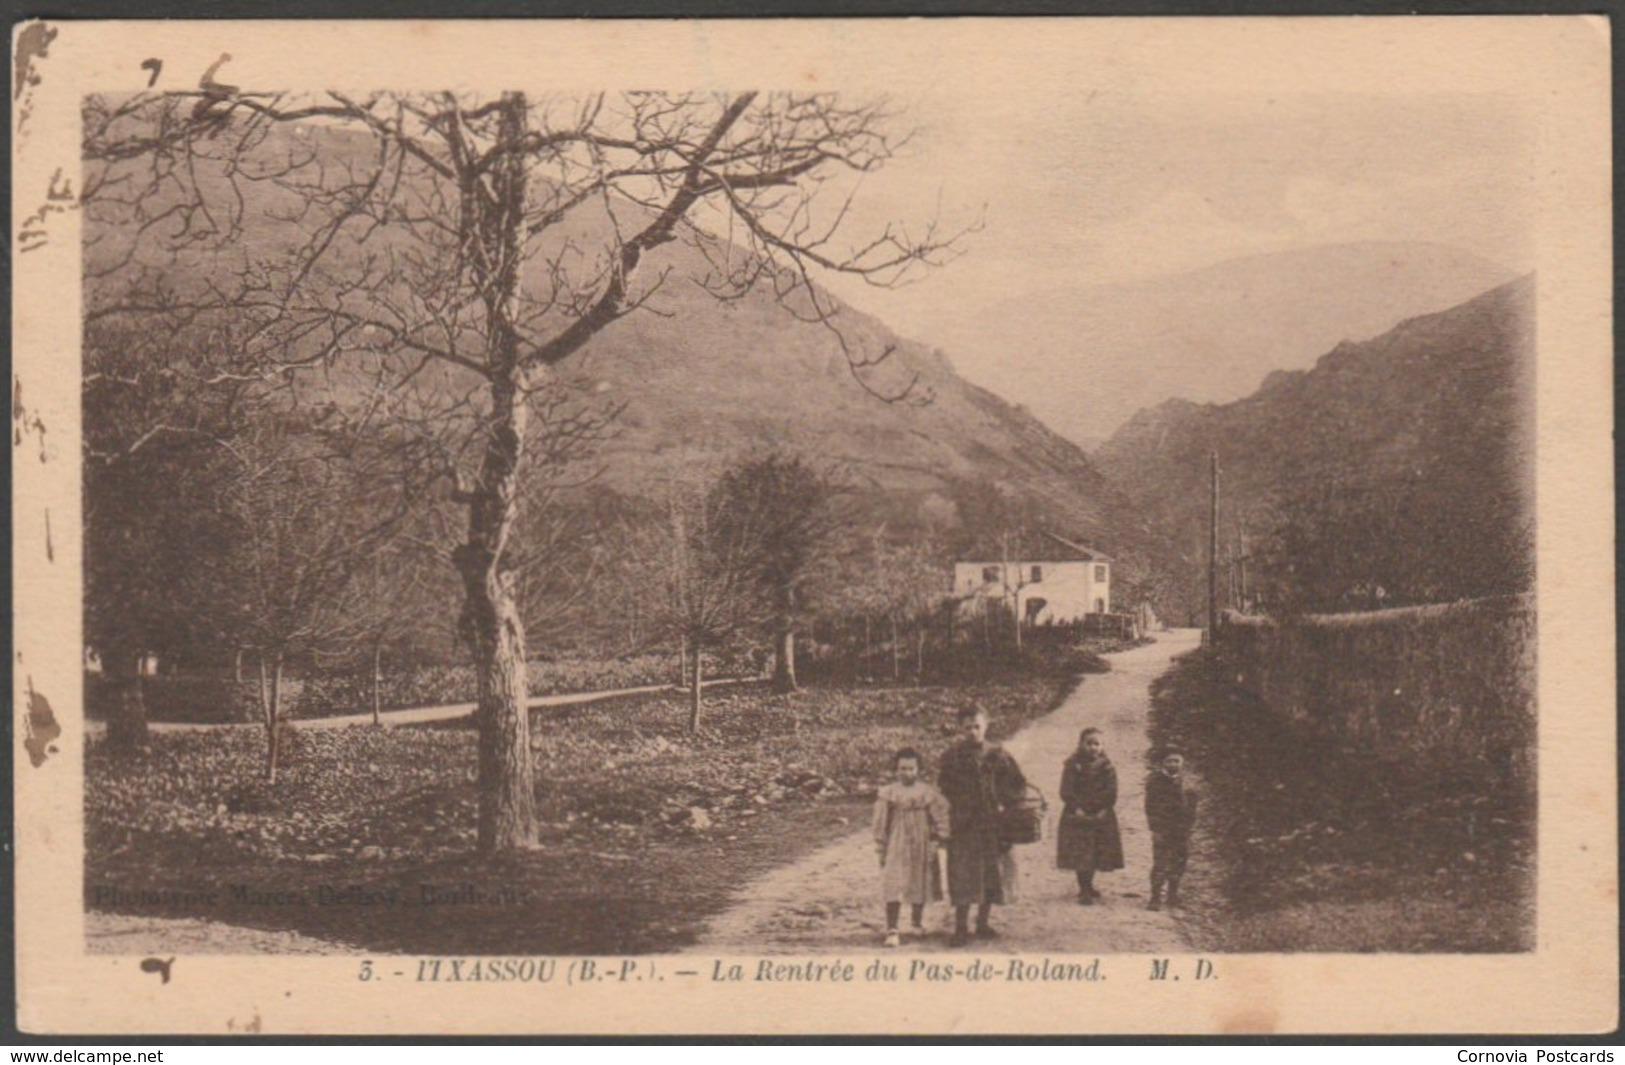 La Rentrée Du Pas-de-Roland, Itxassou, Labourd, C.1920s - MD CPA - Itxassou